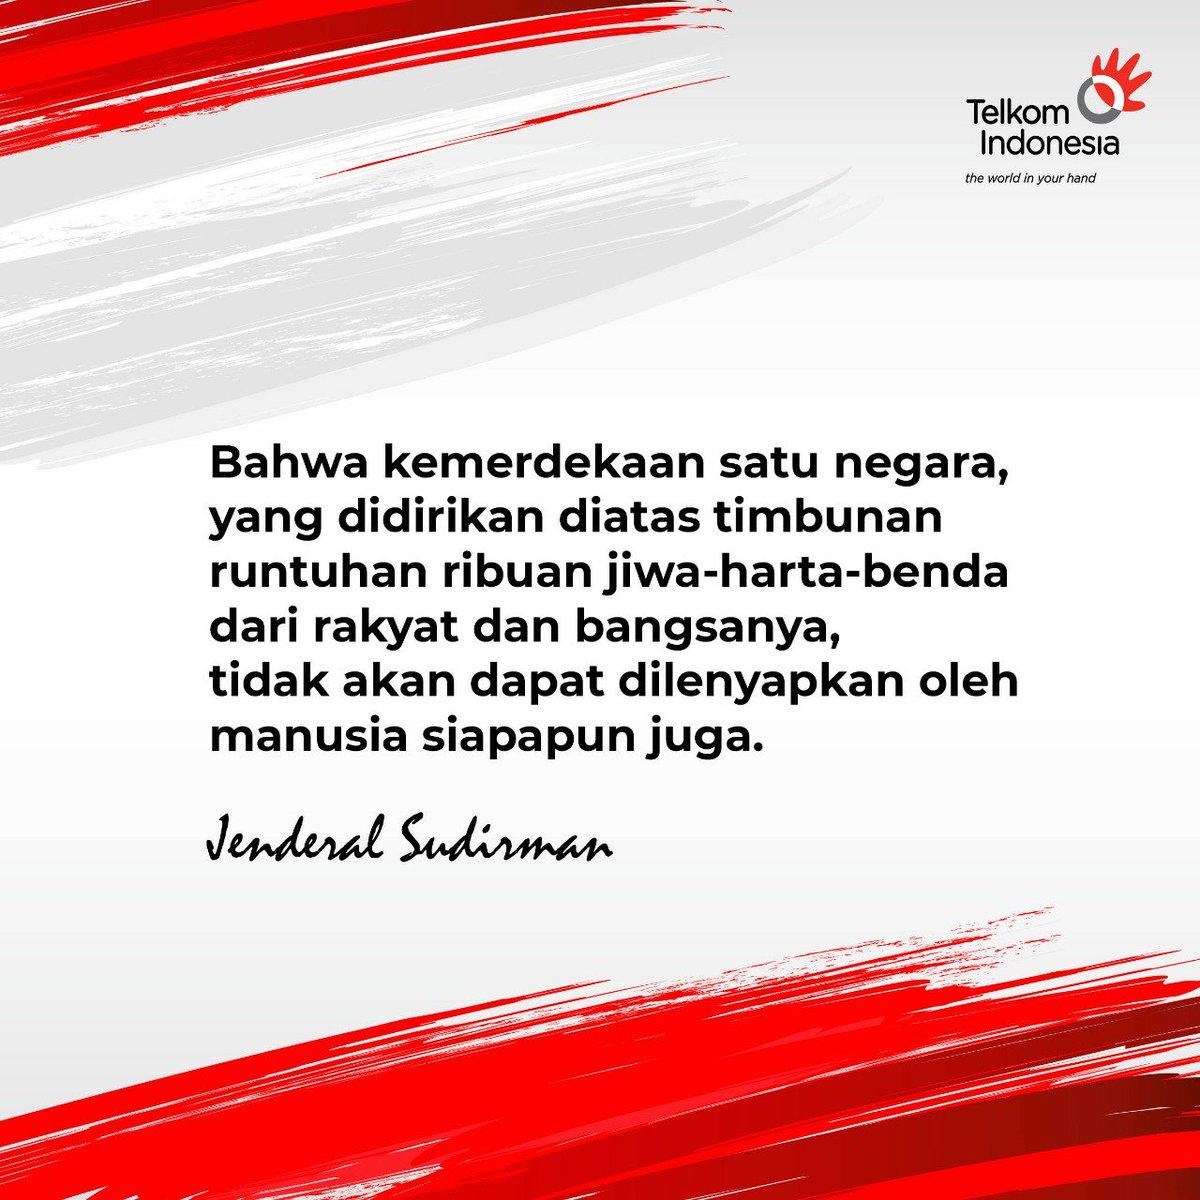 Telkom Indonesia On Twitter Kata Kata Mutiara Berjuang Sendiri Akan Sangat Rapuh Tapi Jika Bersama Sama Perjuangan Akan Tampak Semakin Kokoh 73thnindonesiabumnhadiruntuknegeri Asiangames2018 Https T Co Zrnmhcthcw